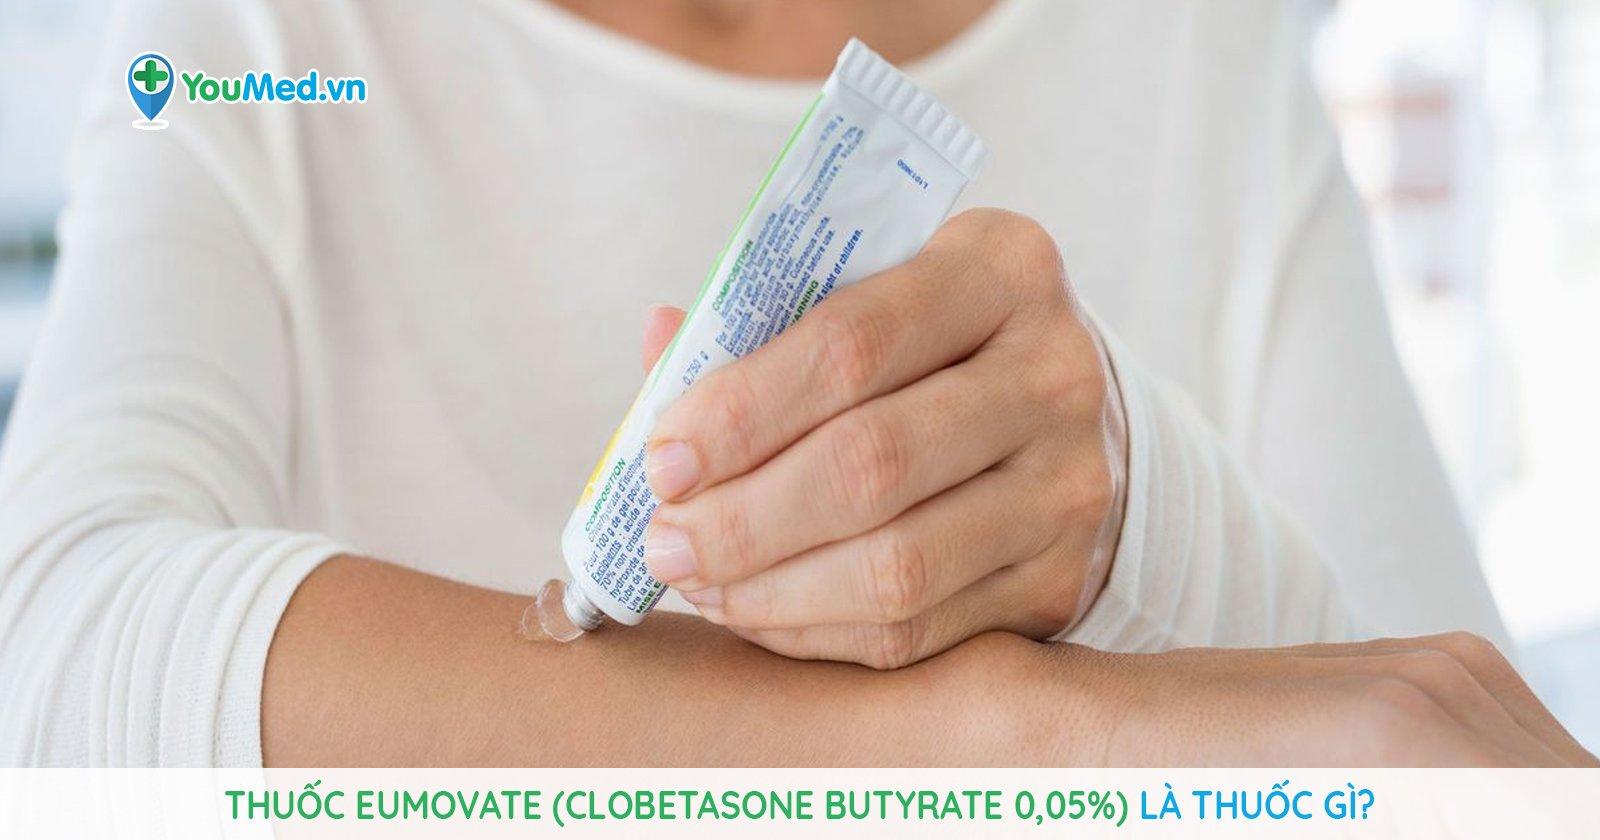 Thuốc Eumovate (clobetasone butyrate 0,05%) là thuốc gì?